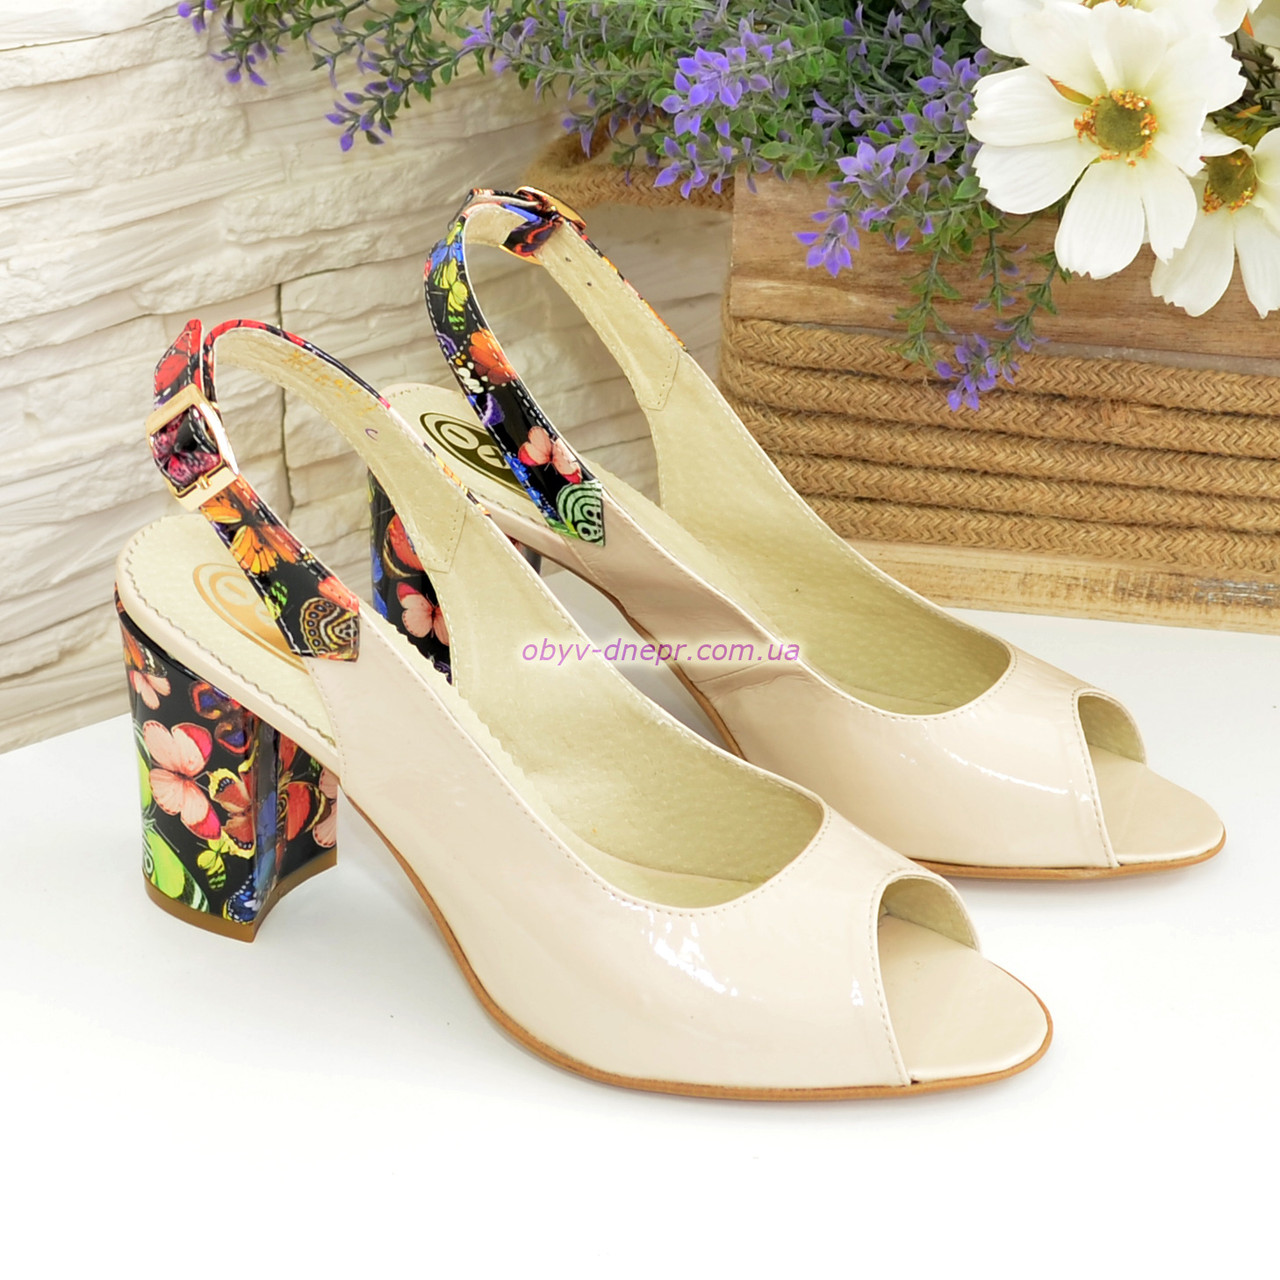 Женские лаковые босоножки на высоком каблуке, цвет бежевый